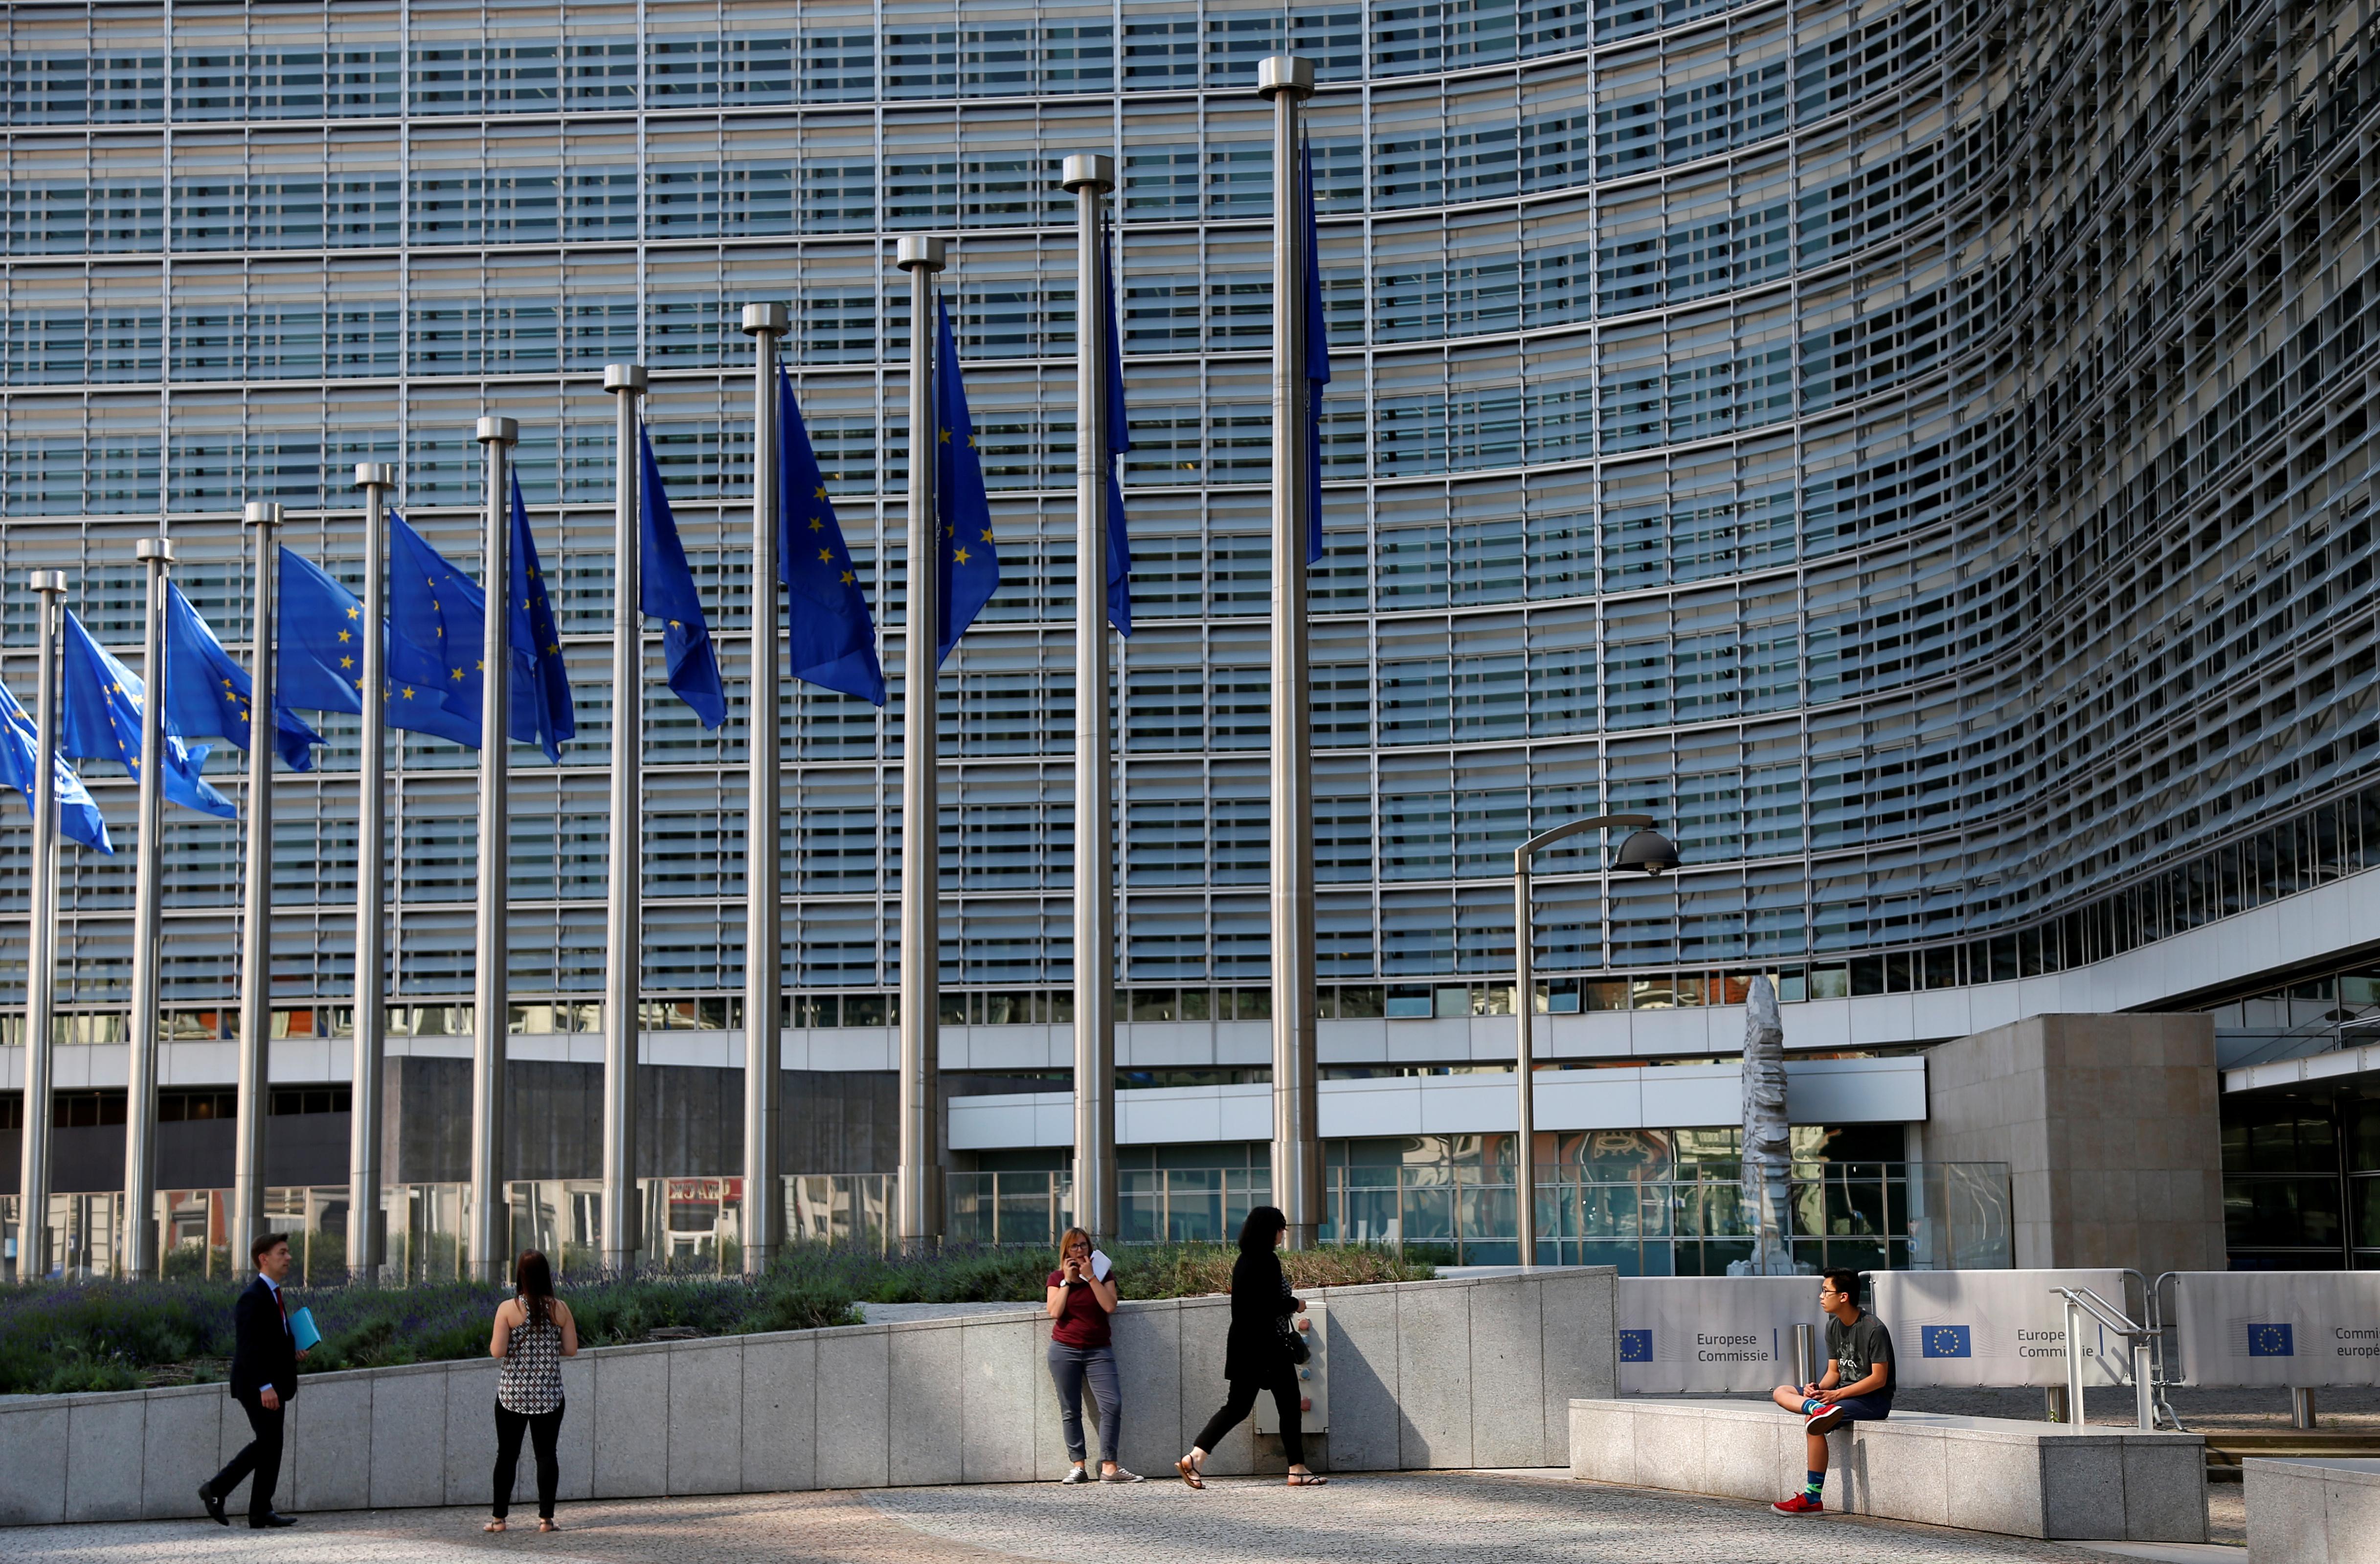 Sjedište Europske komisije u Bruxellesu